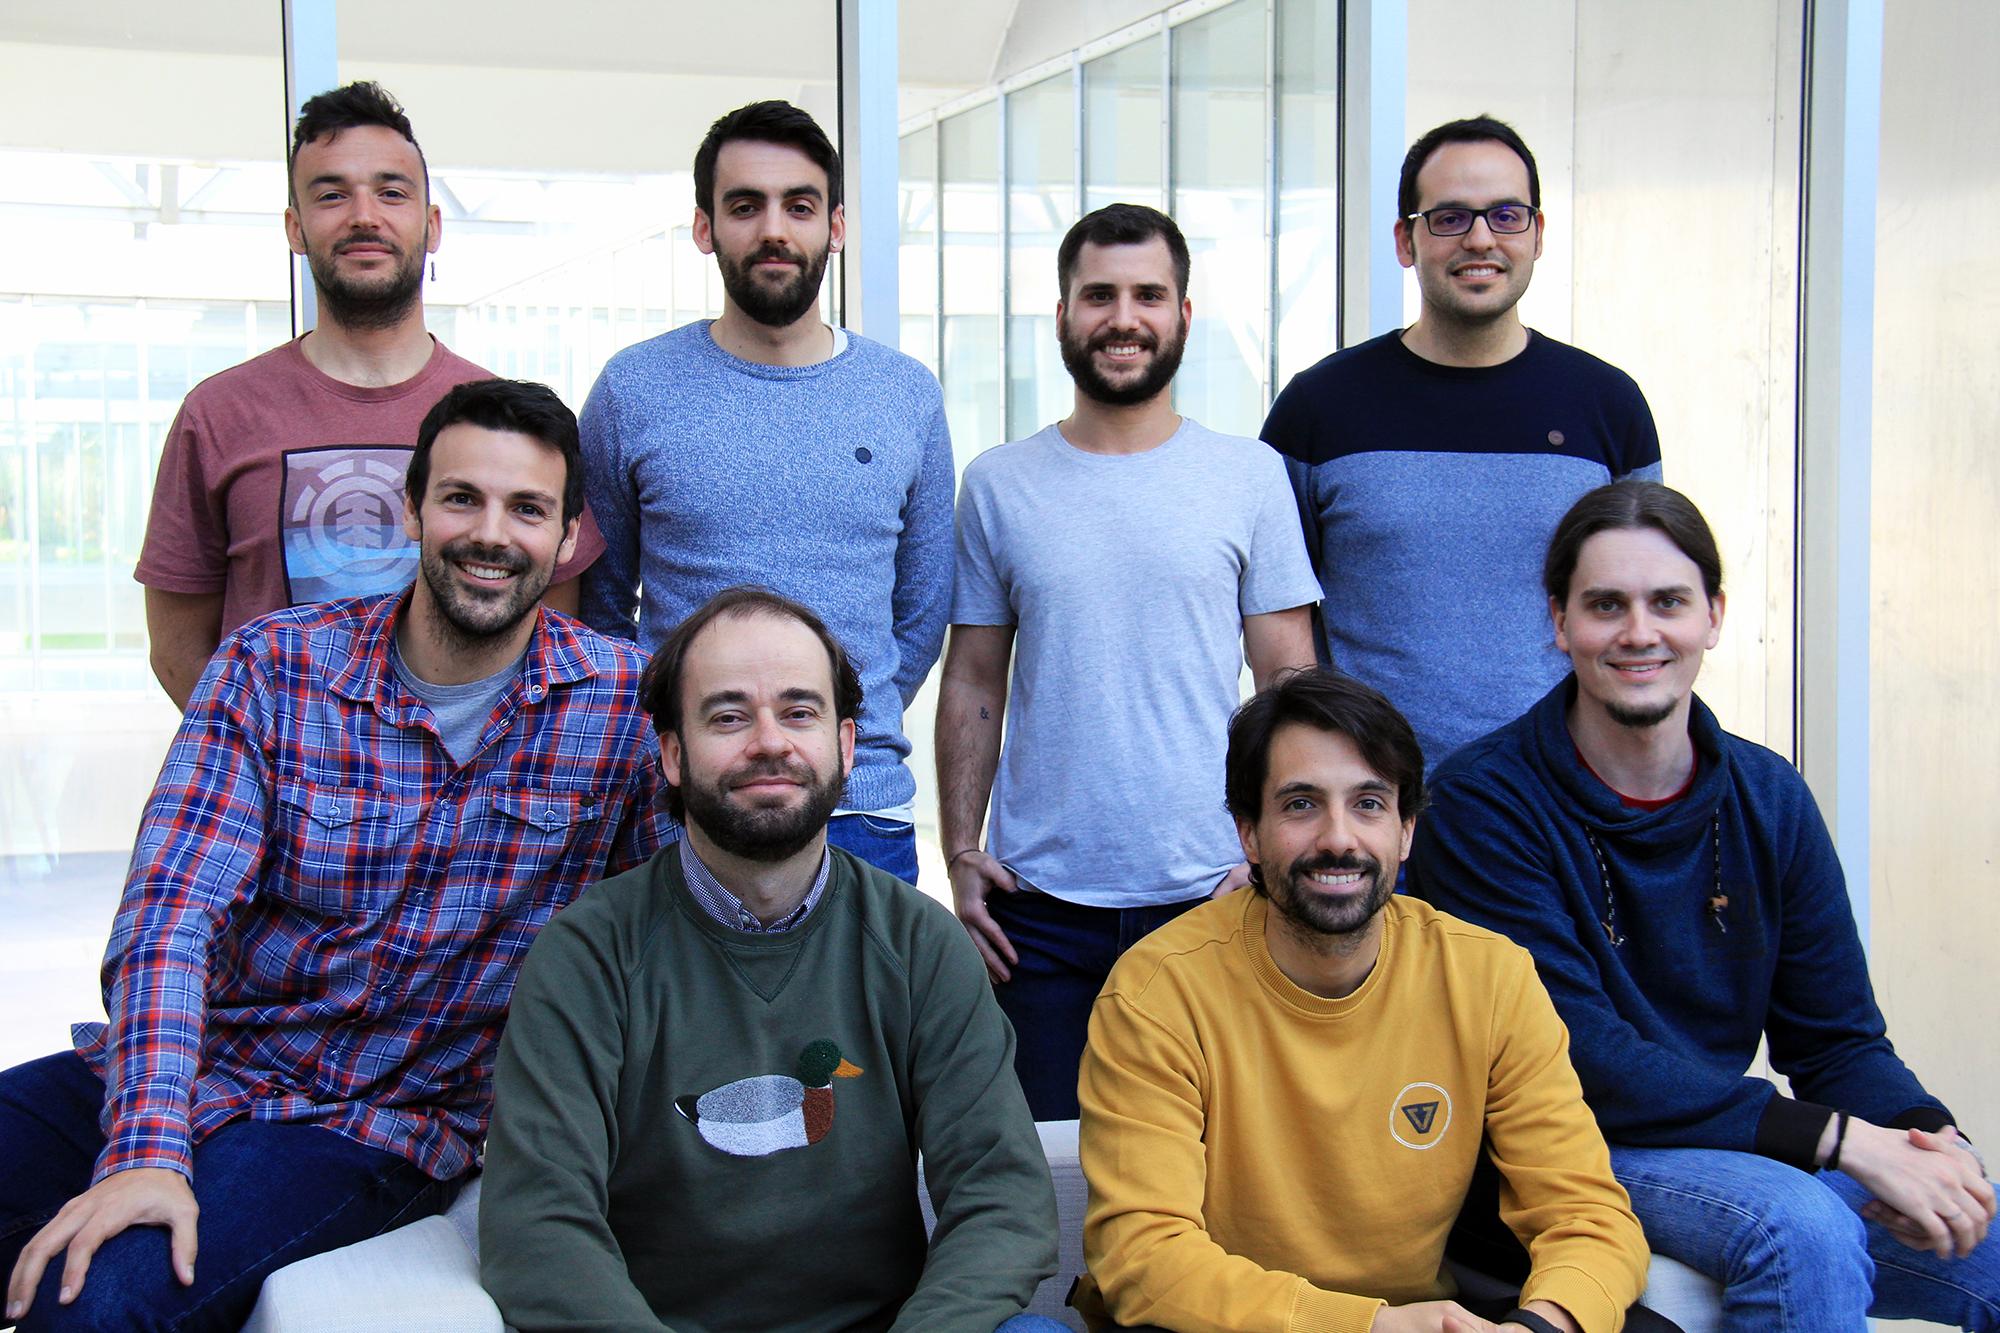 ALiCE Biometrics cierra una ronda de inversión por €1.5 millones liderada por Mundi Ventures